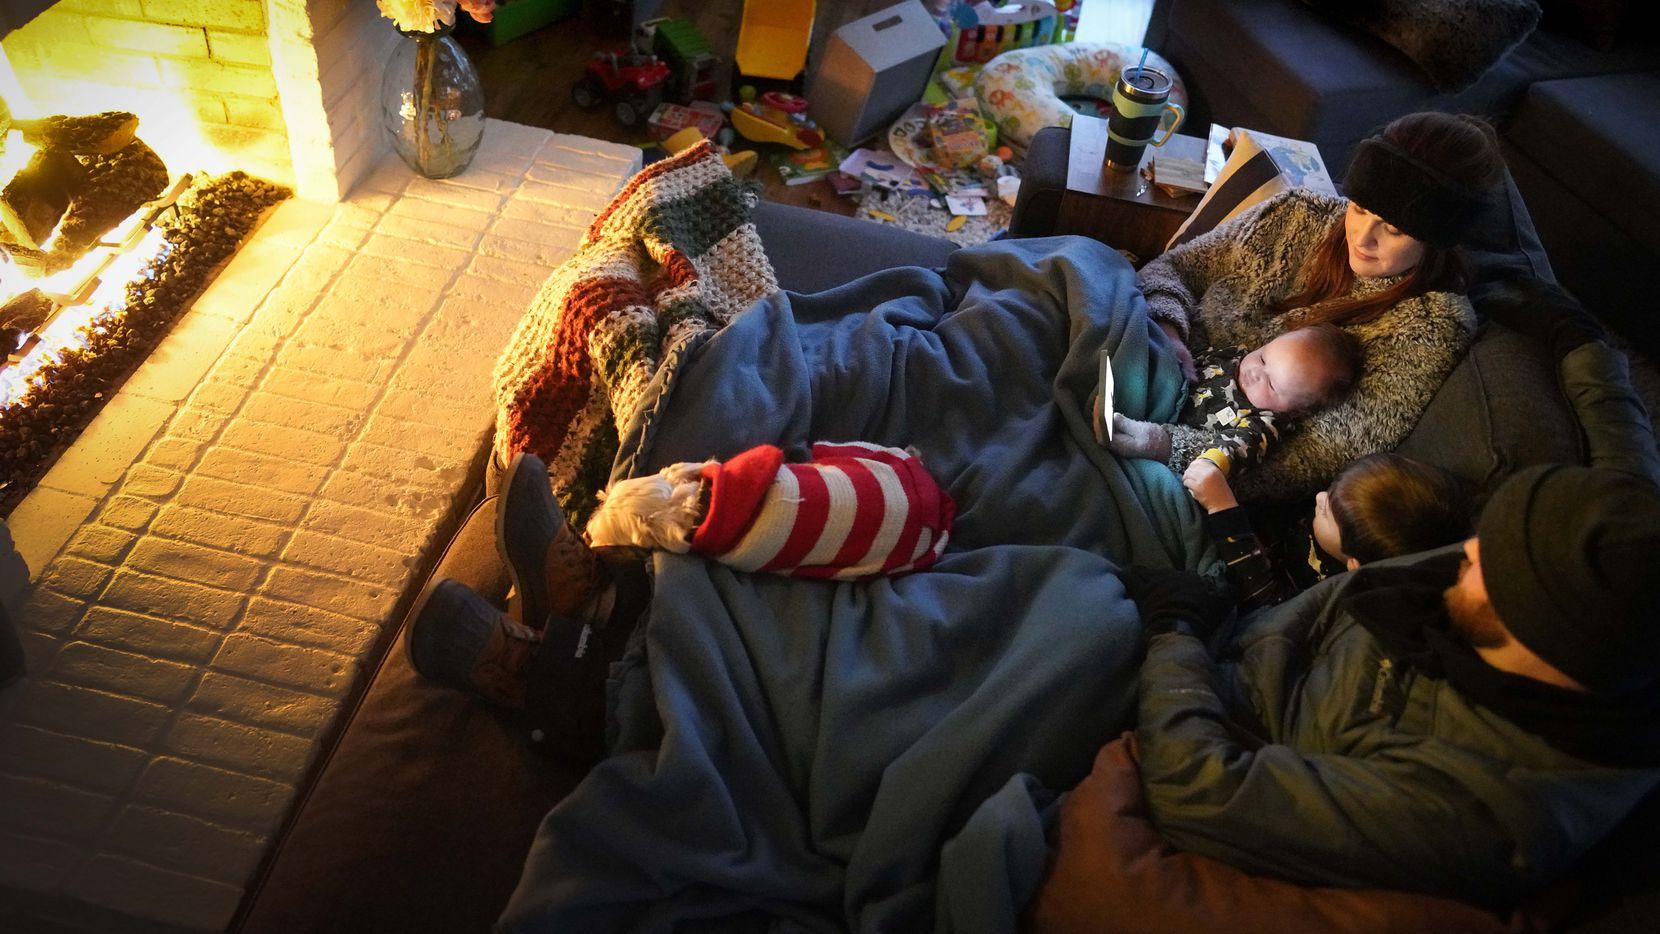 Dan Bryant y su esposa Anna se abrazan ante la chimenea junto a sus hijos Benny, de 3 años, y Sam, de 12 semana. Los Bryant fueron una de cientos de miles de familia que se quedaron sin luz durante la nevada del domingo. ERCOT no ha podido reestablecer el servicio a casi un millón de familias.